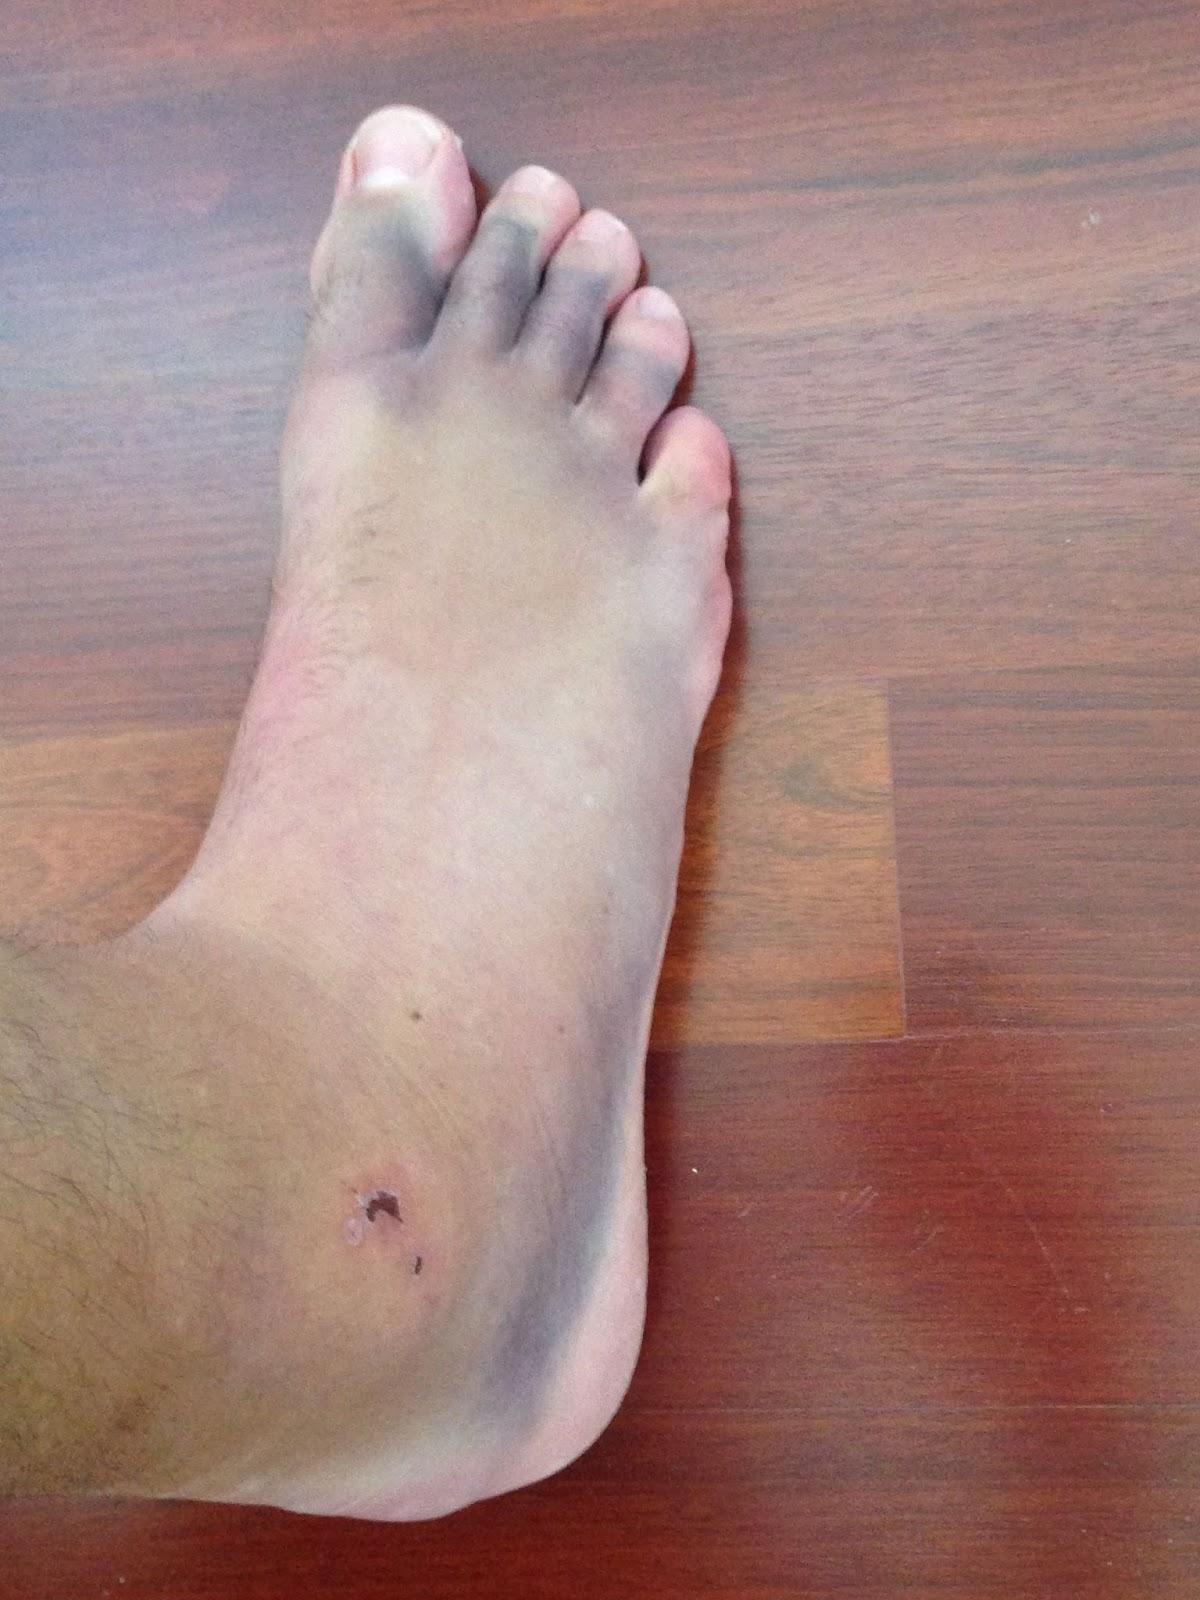 Sobresalen las venas en los pies que puede ser